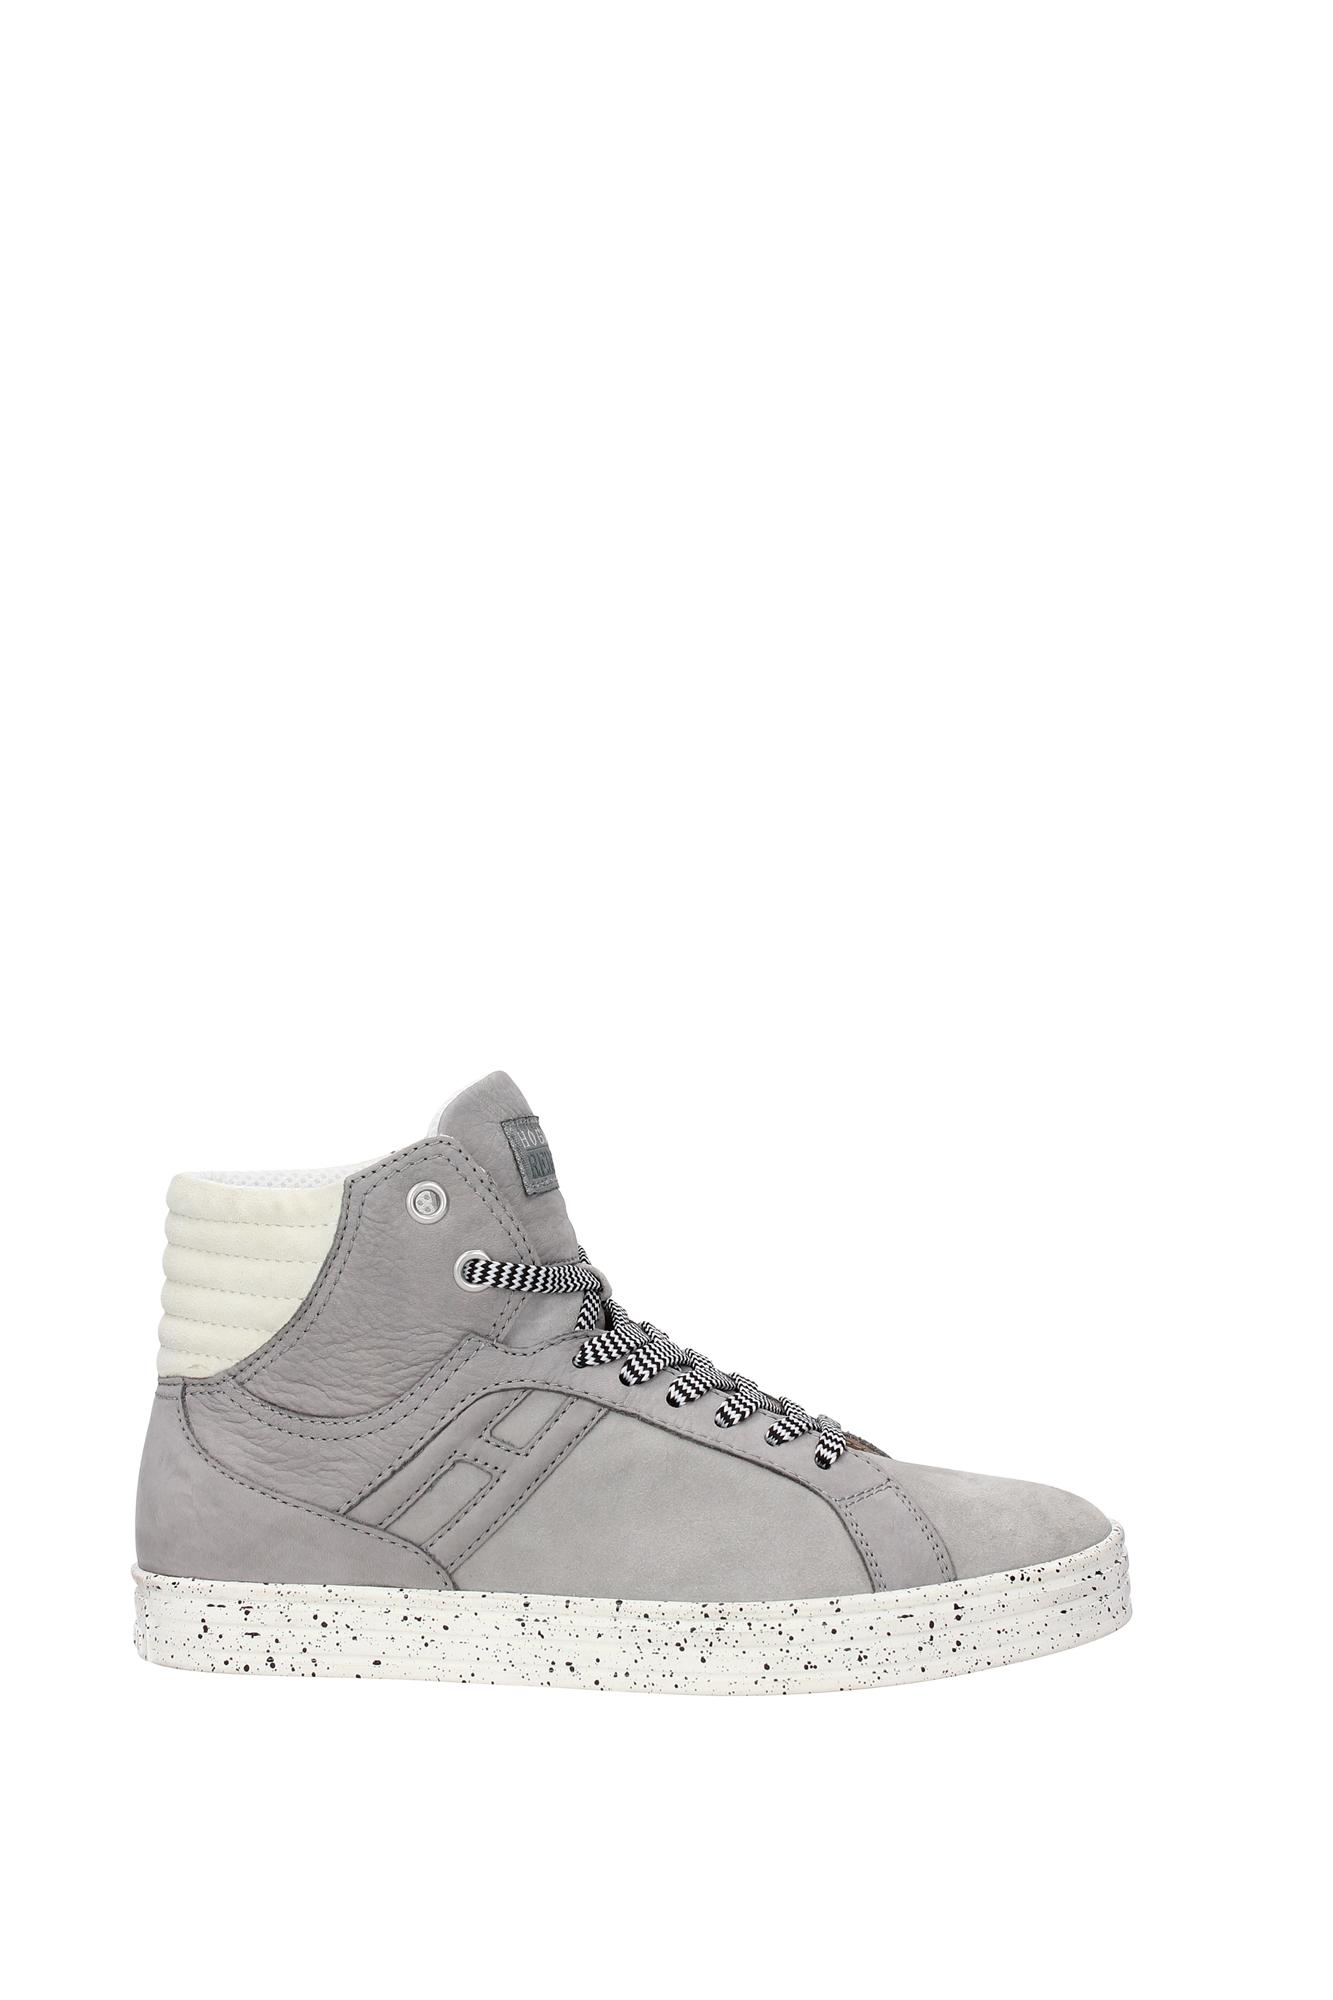 Sneakers Sneakers Sneakers Hogan hogan rebel Herren -  (HXM1410R282C7U004D) 511919